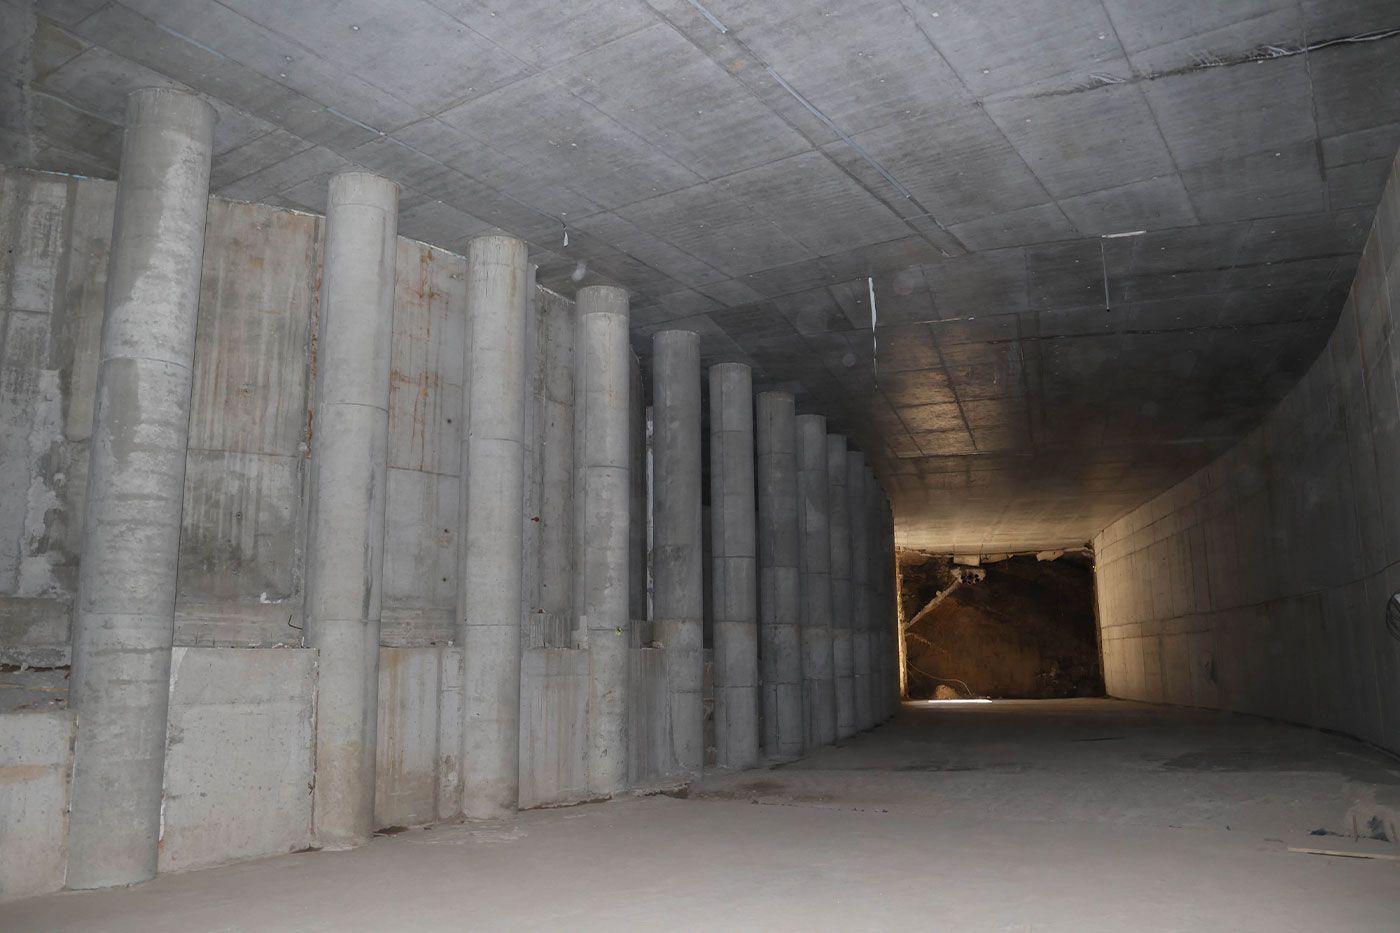 Interior del túnel que enlazará el complejo intermodal con la calle Lepanto